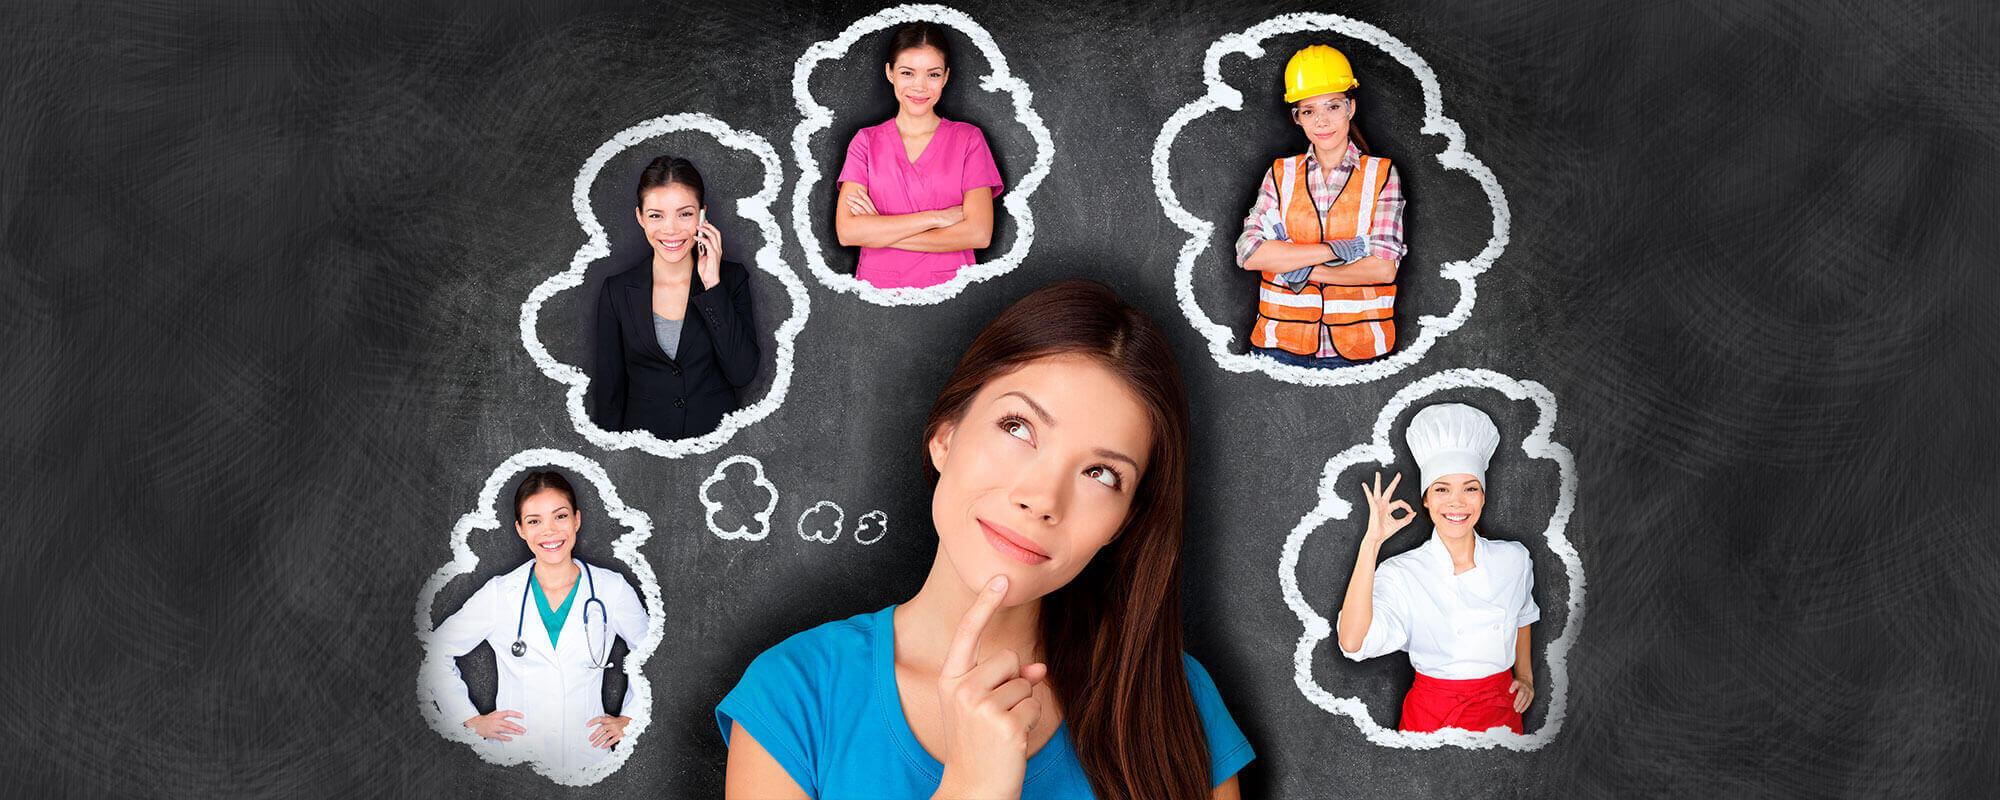 Elegir-la-mejor-carrera-6-recomendaciones